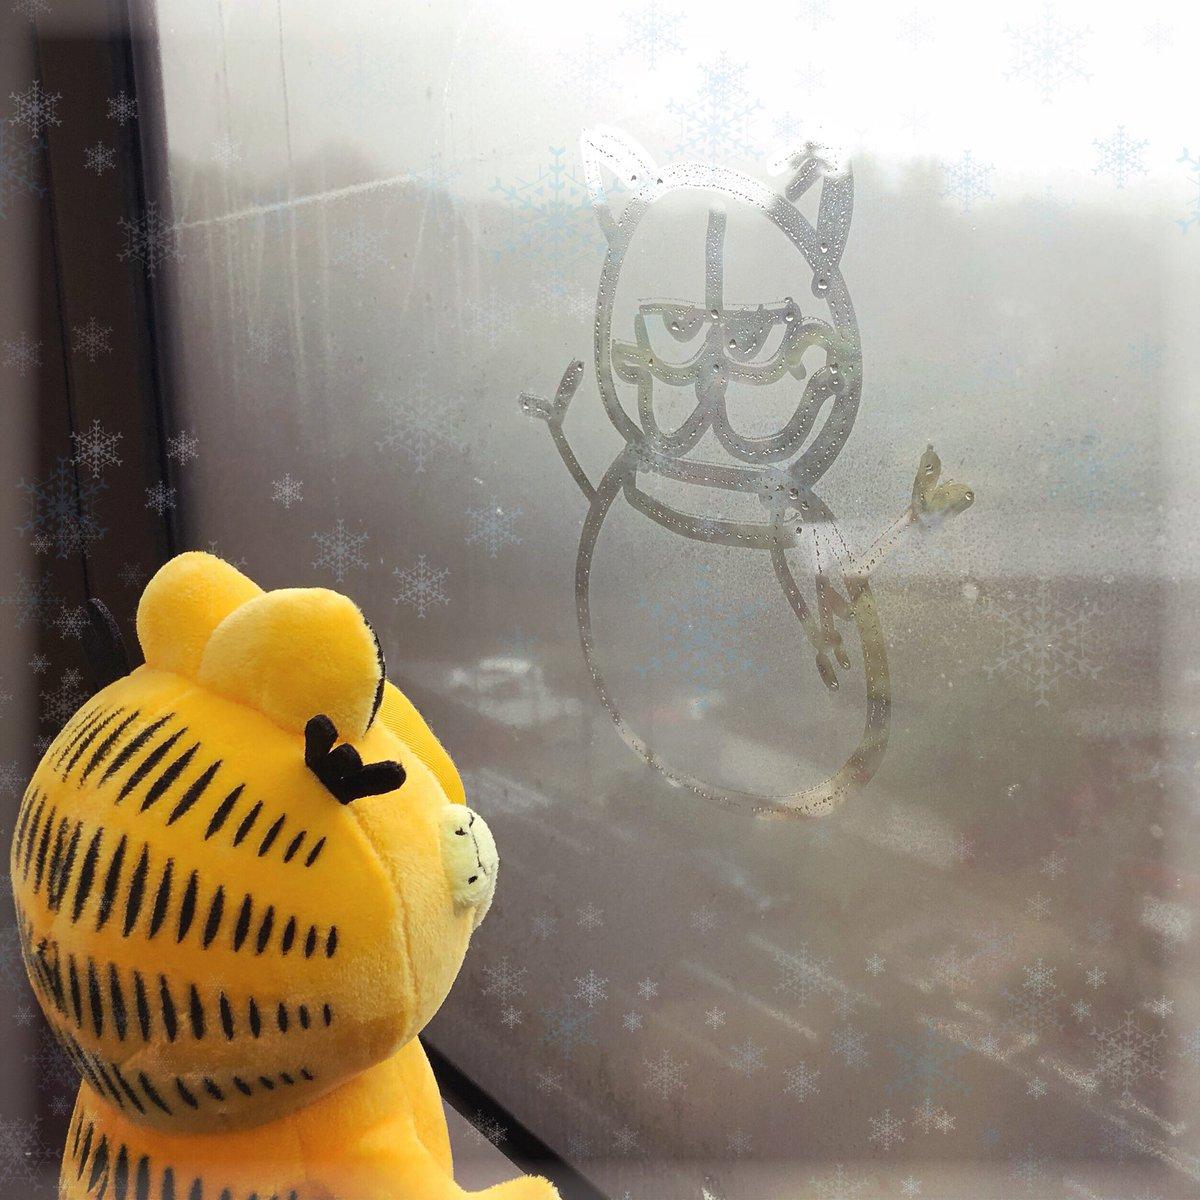 東京は雪☃️❄️こらこらガーフィールド。窓に雪だるま、描いたでしょ⛄️ #ガーフィールド #garfield